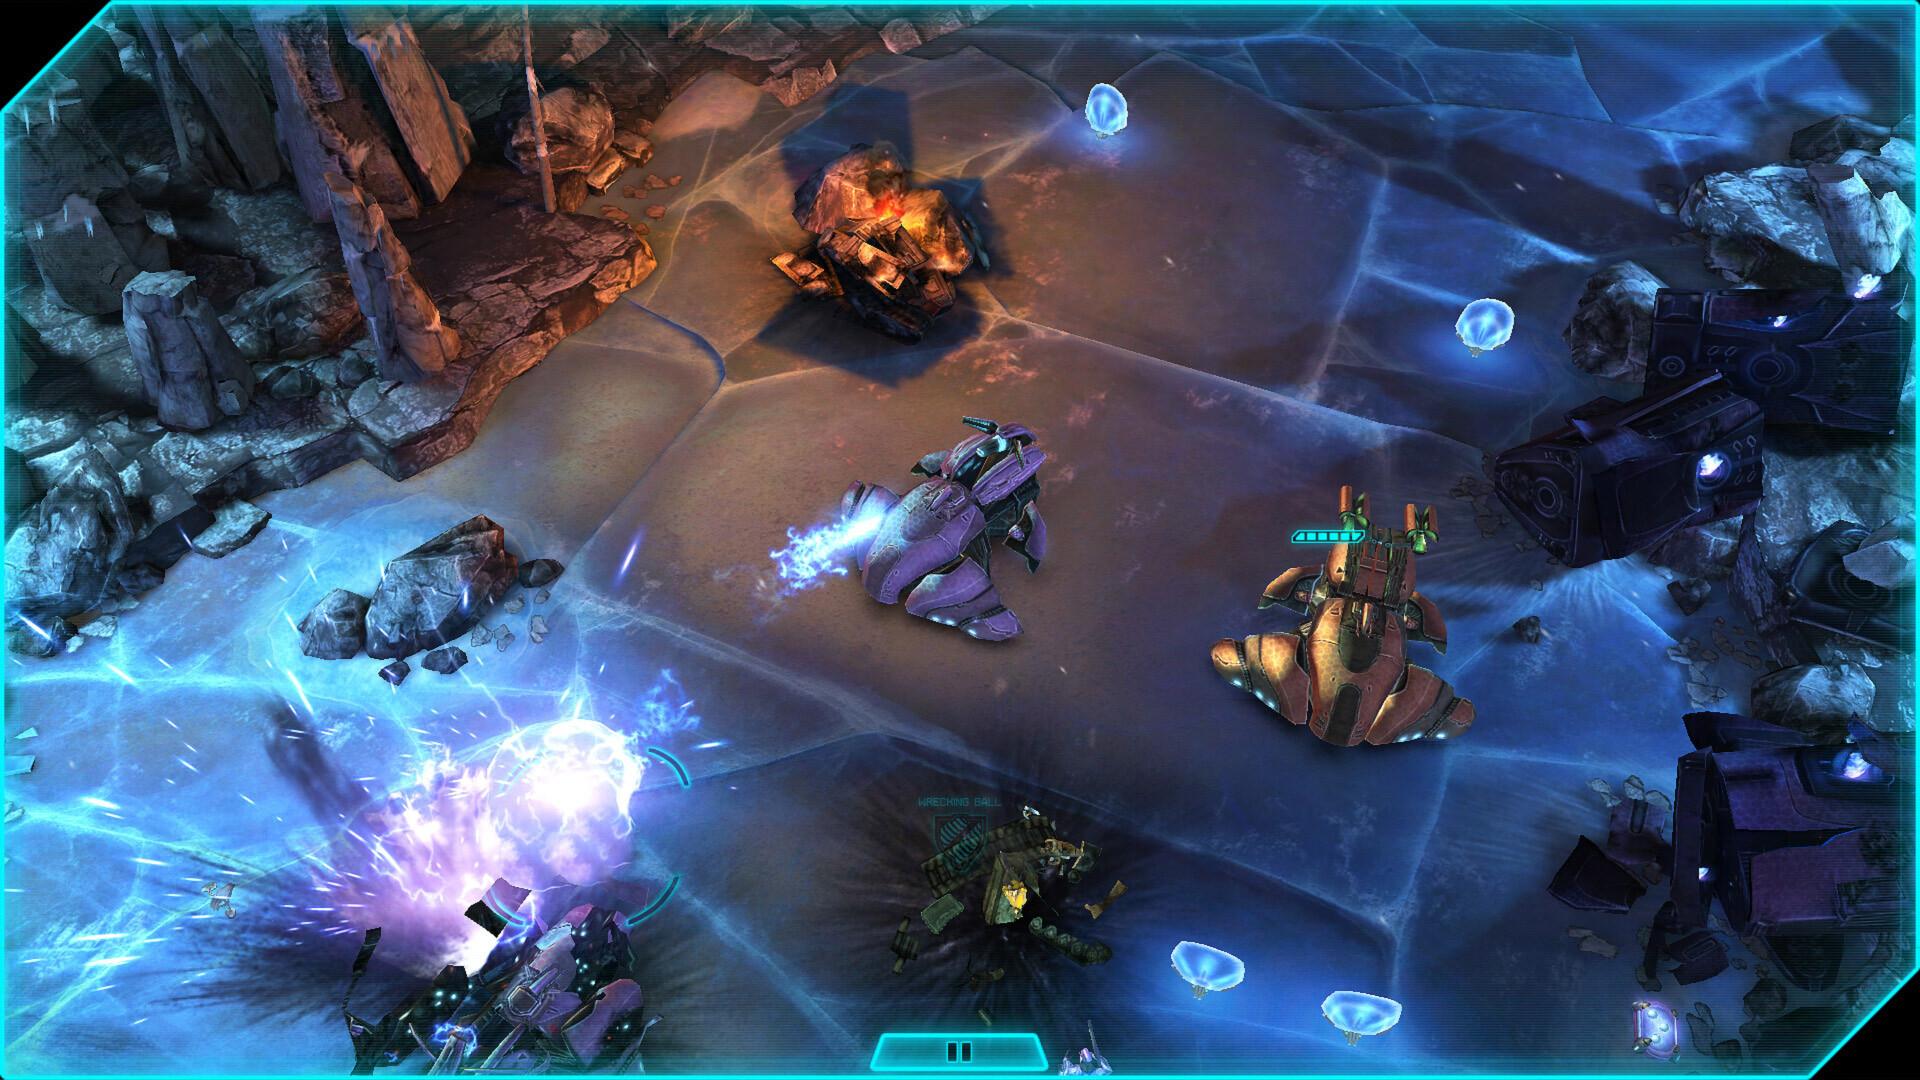 Halo-Spartan-Assault-Screenshot---Wraith-Assault.jpg